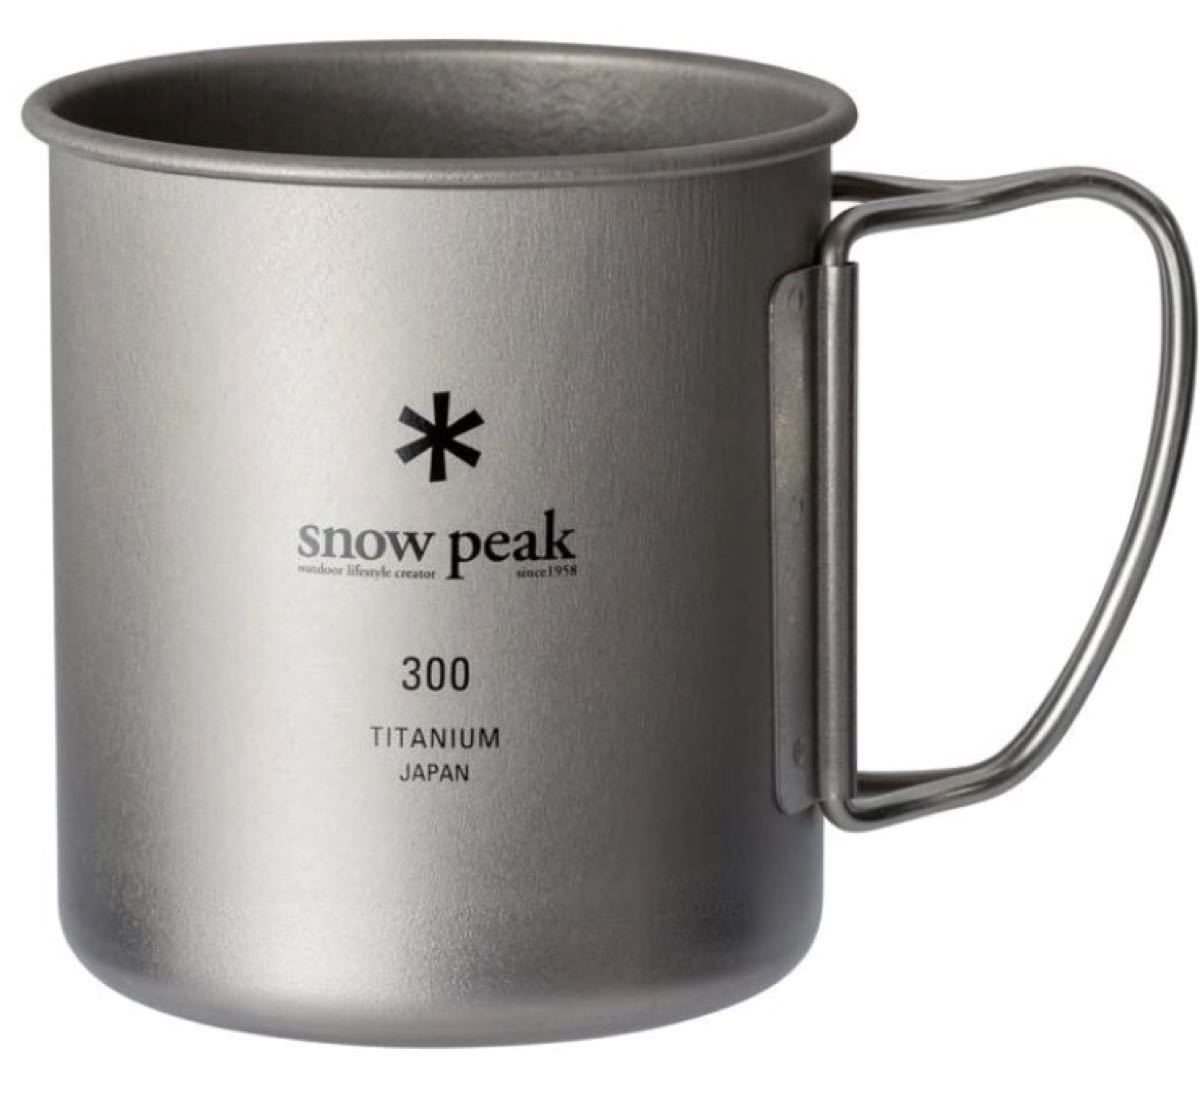 スノーピーク チタンシングルマグ300 4個セット 新品 未使用 snow peak